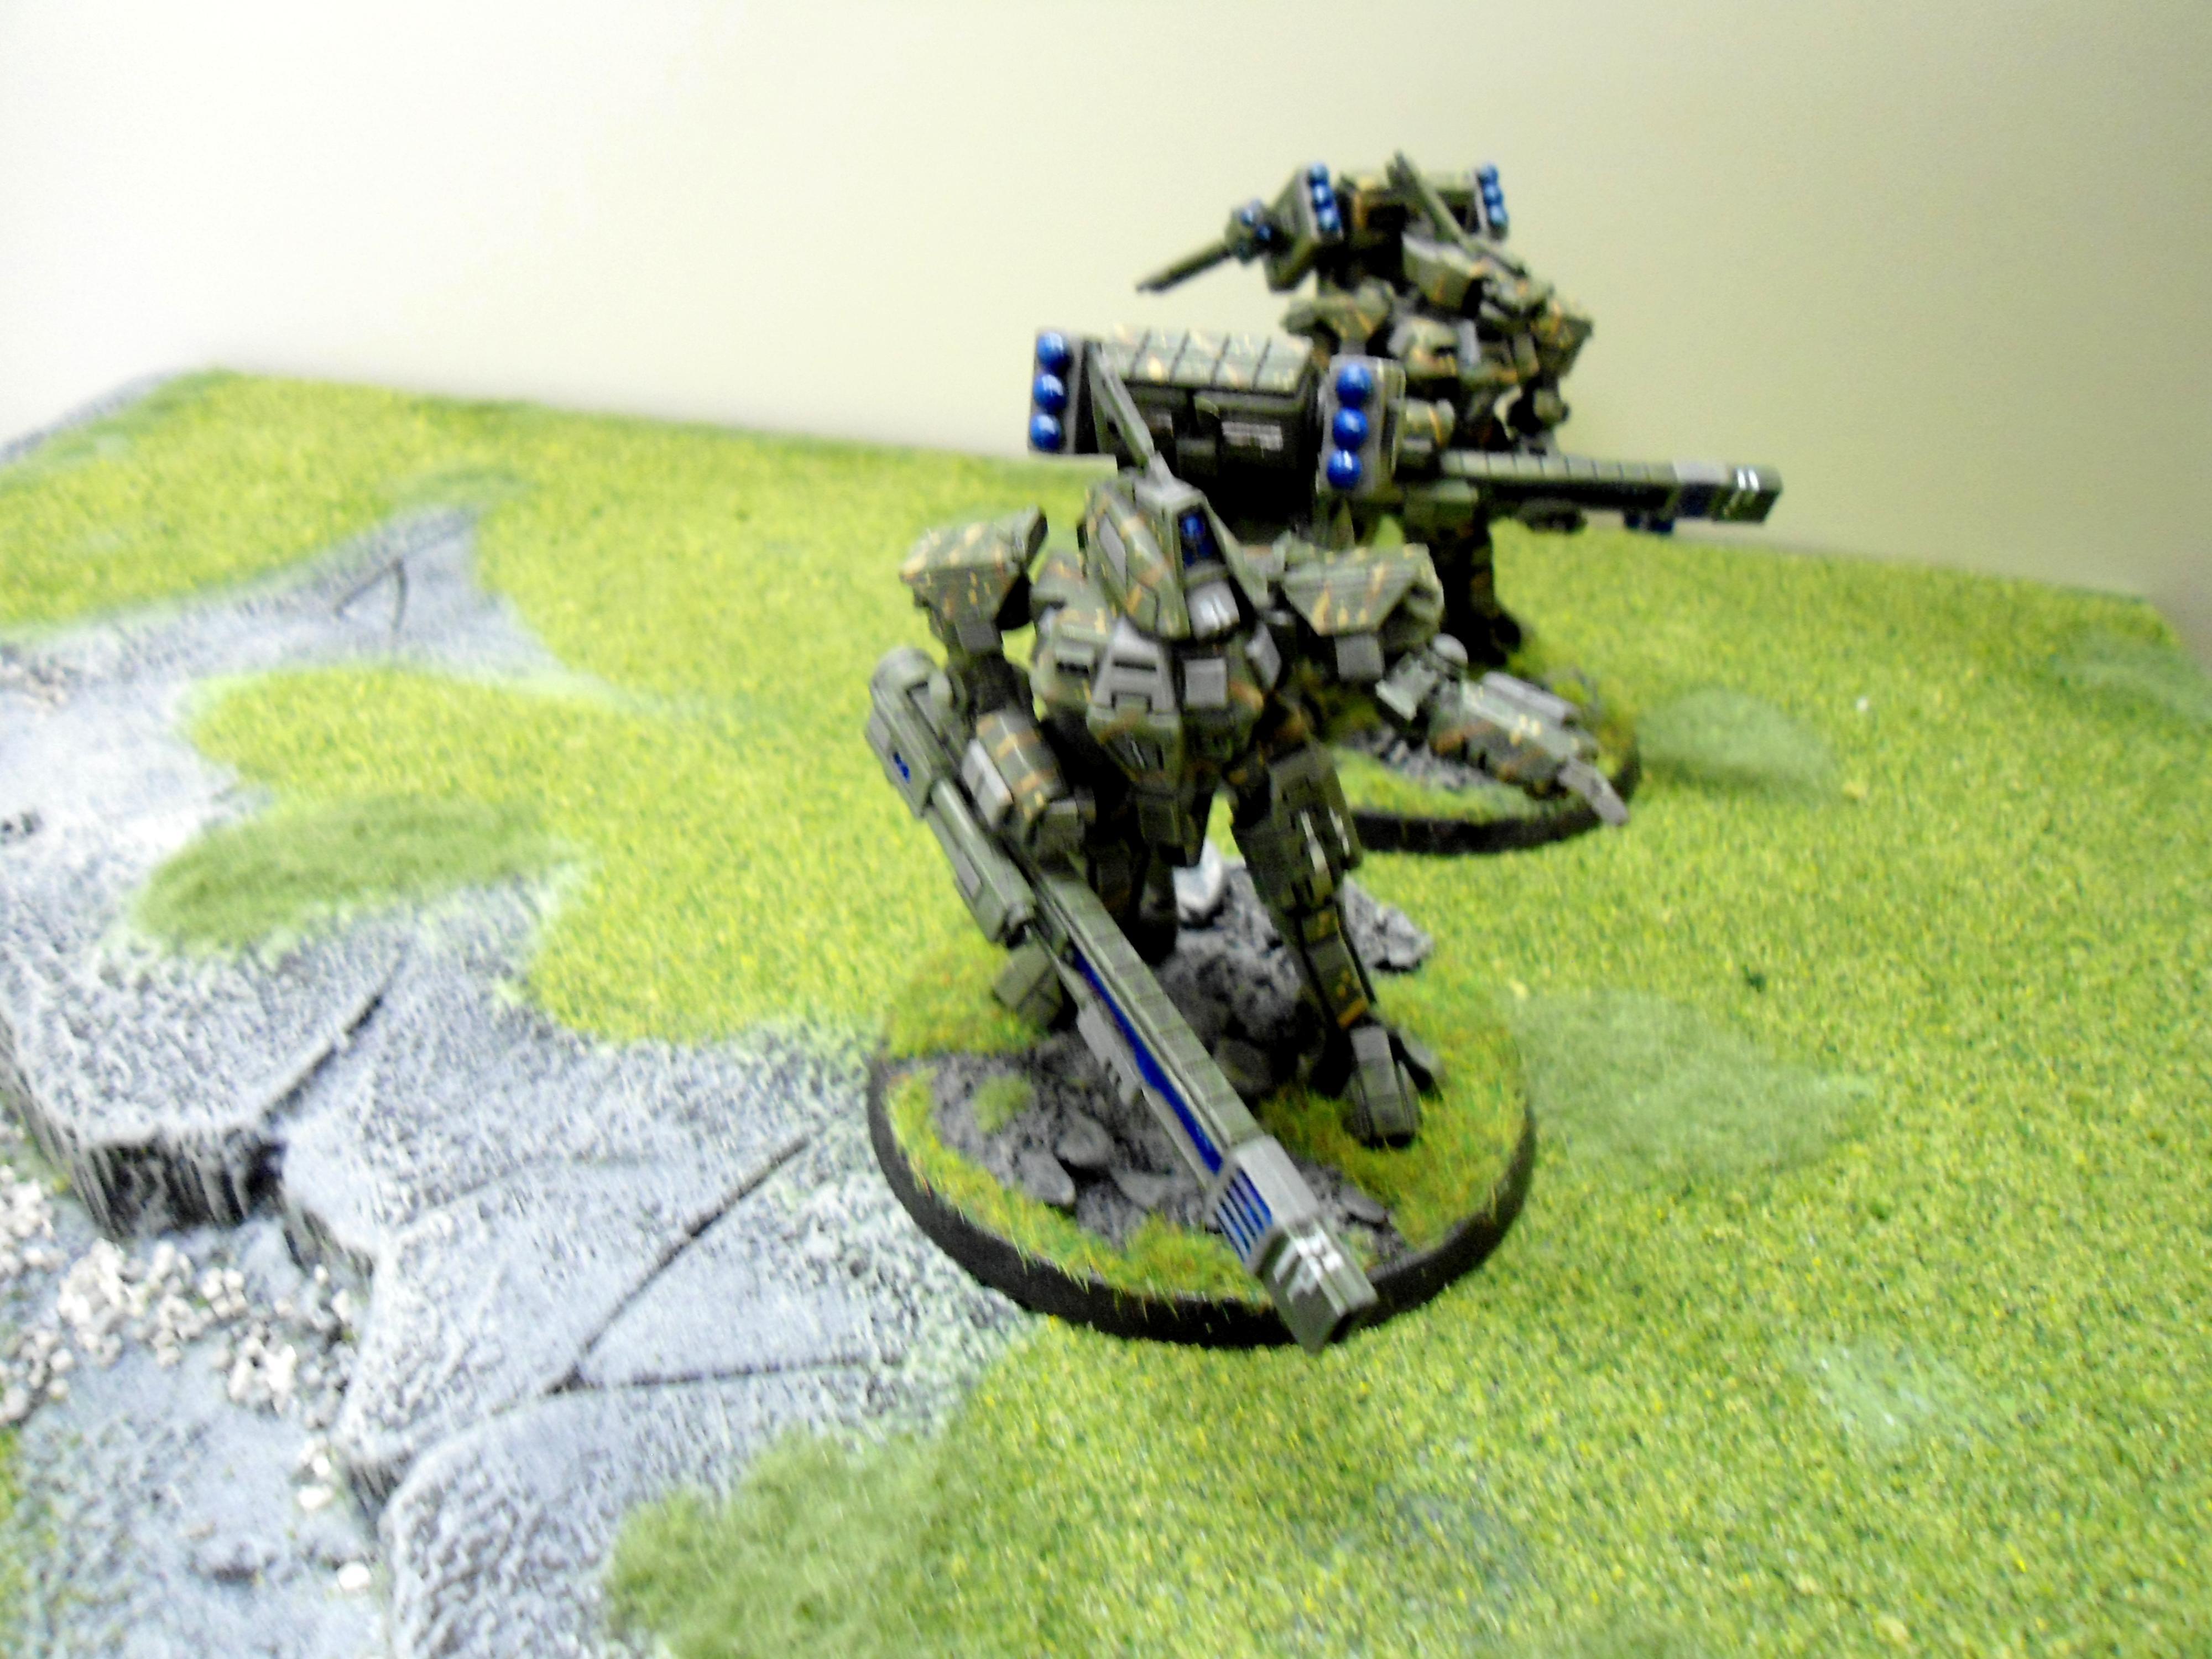 Battlesuit, Conversion, Crisis To Broadside Conversion, Tau, Warhammer 40,000